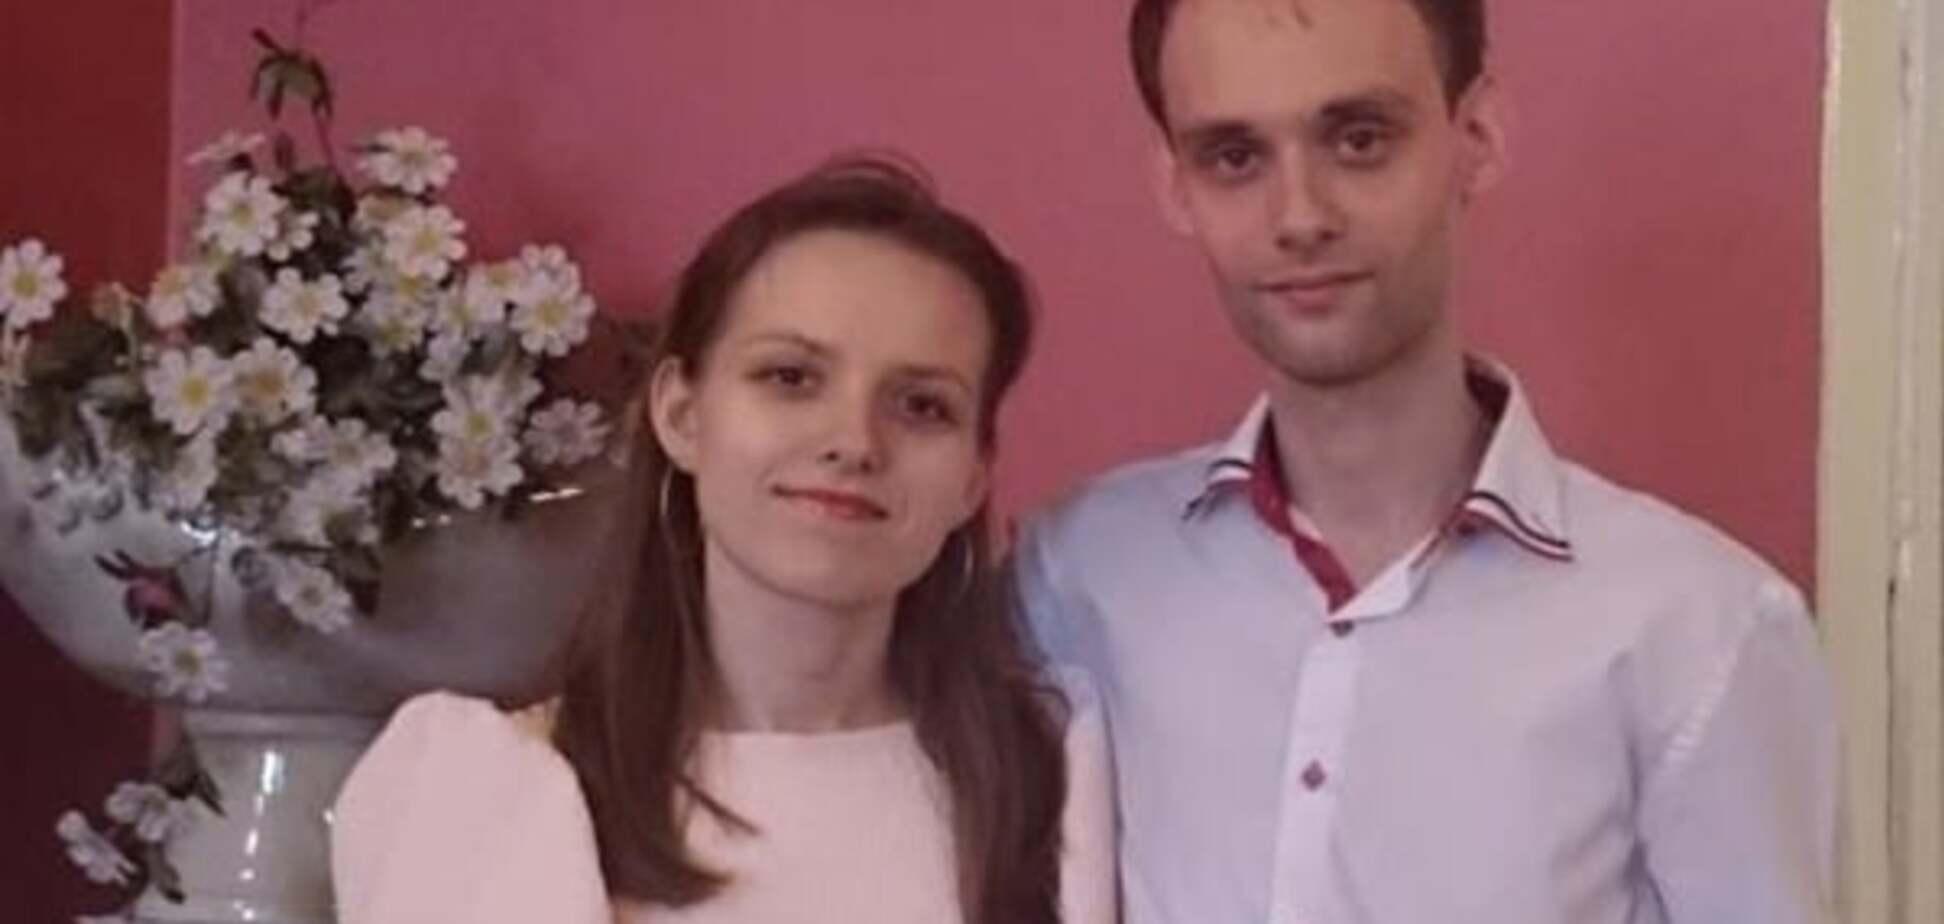 'Миротворець' викрив автора фейків для LifeNews із Харкова